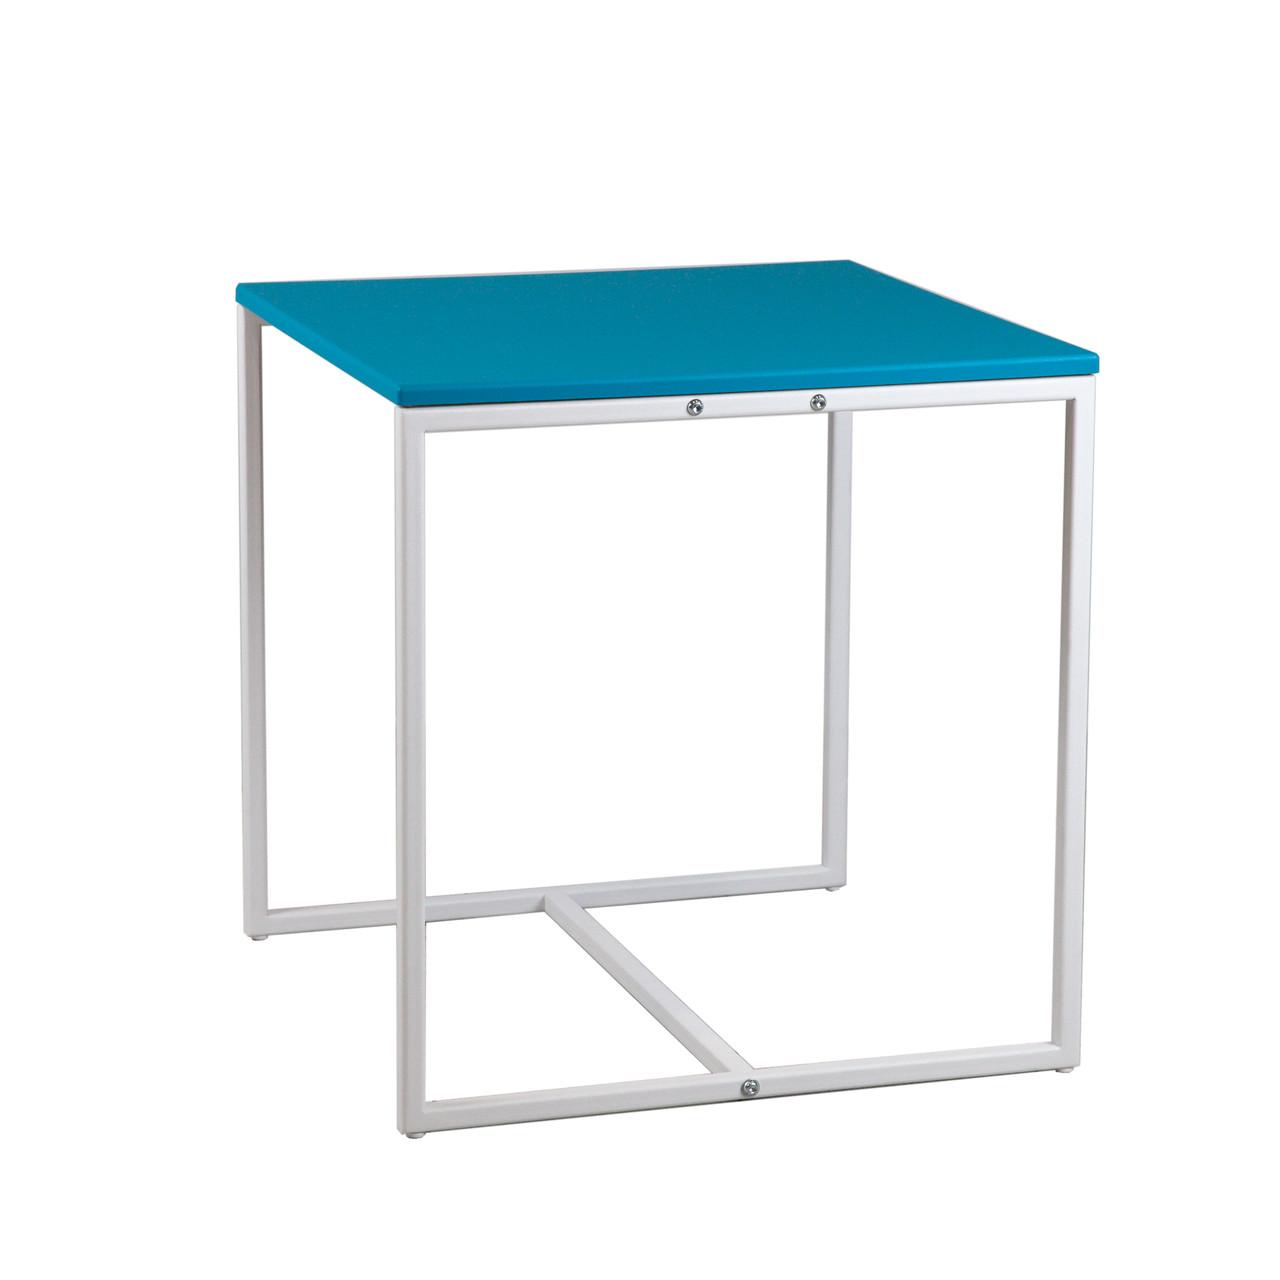 Commus стіл журнальний Куб 400 ментол/білий